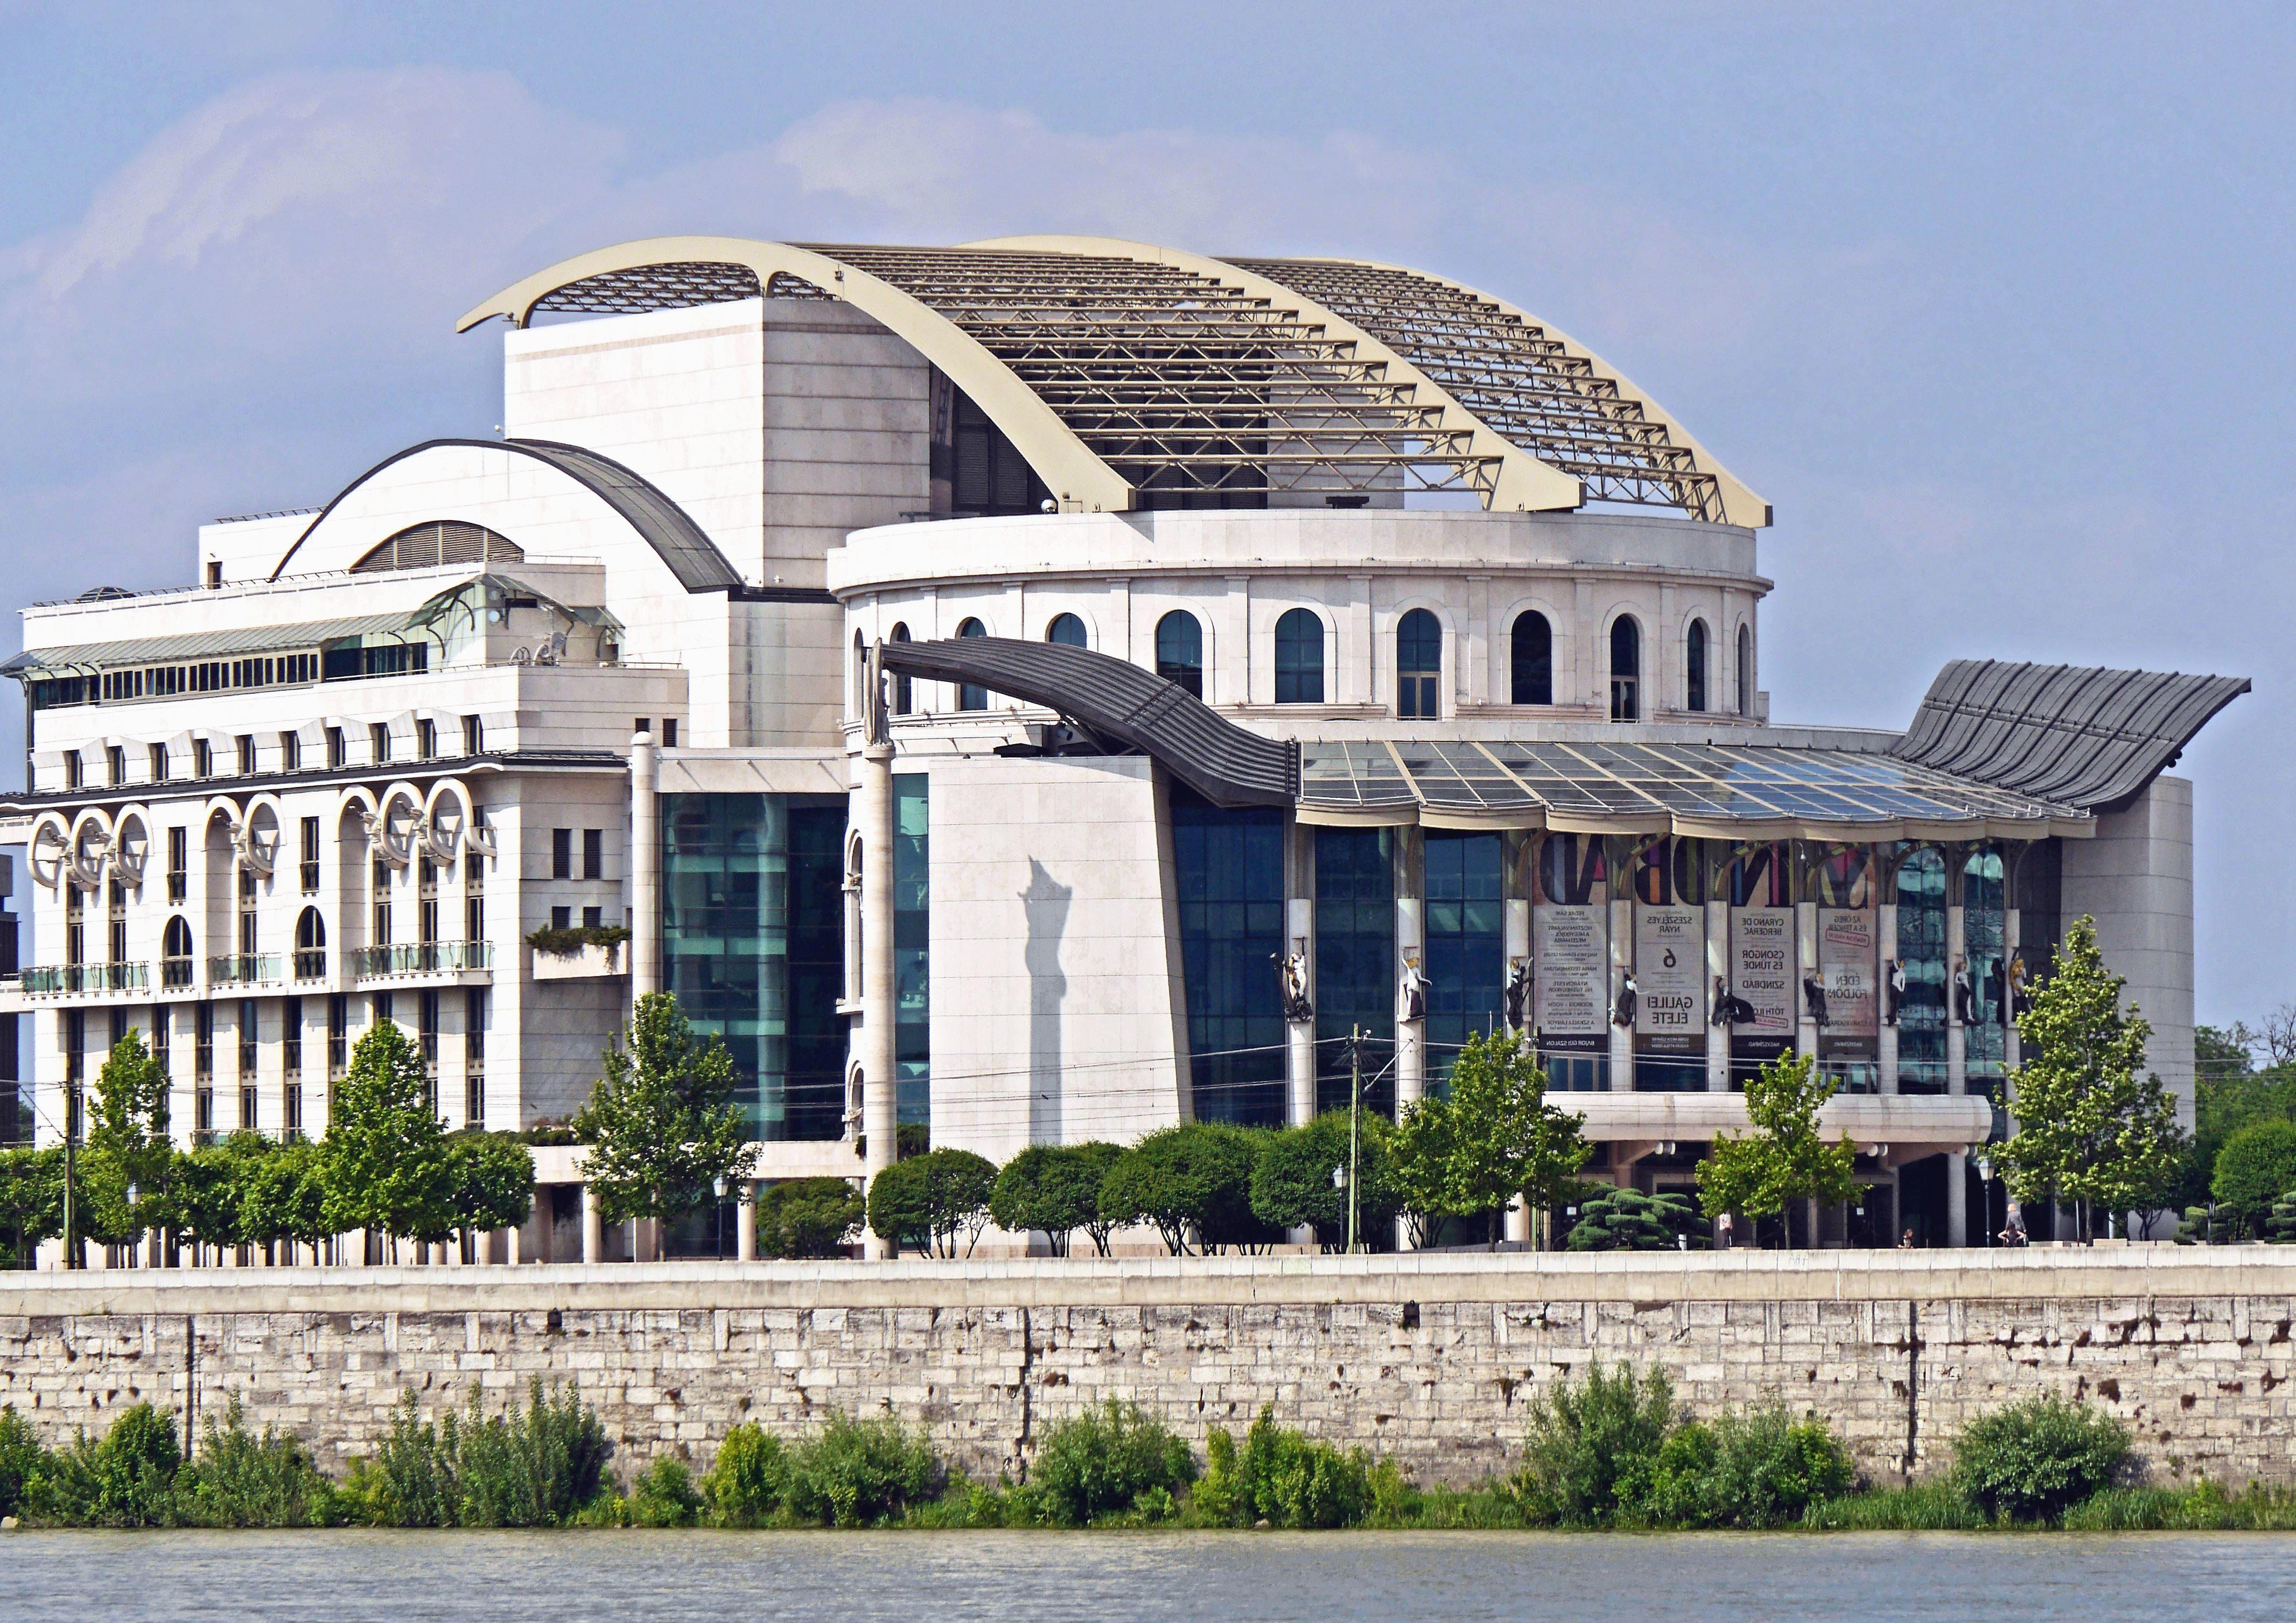 Fassade Modern kostenlose bild architektur himmel gebäude fassade modern wand